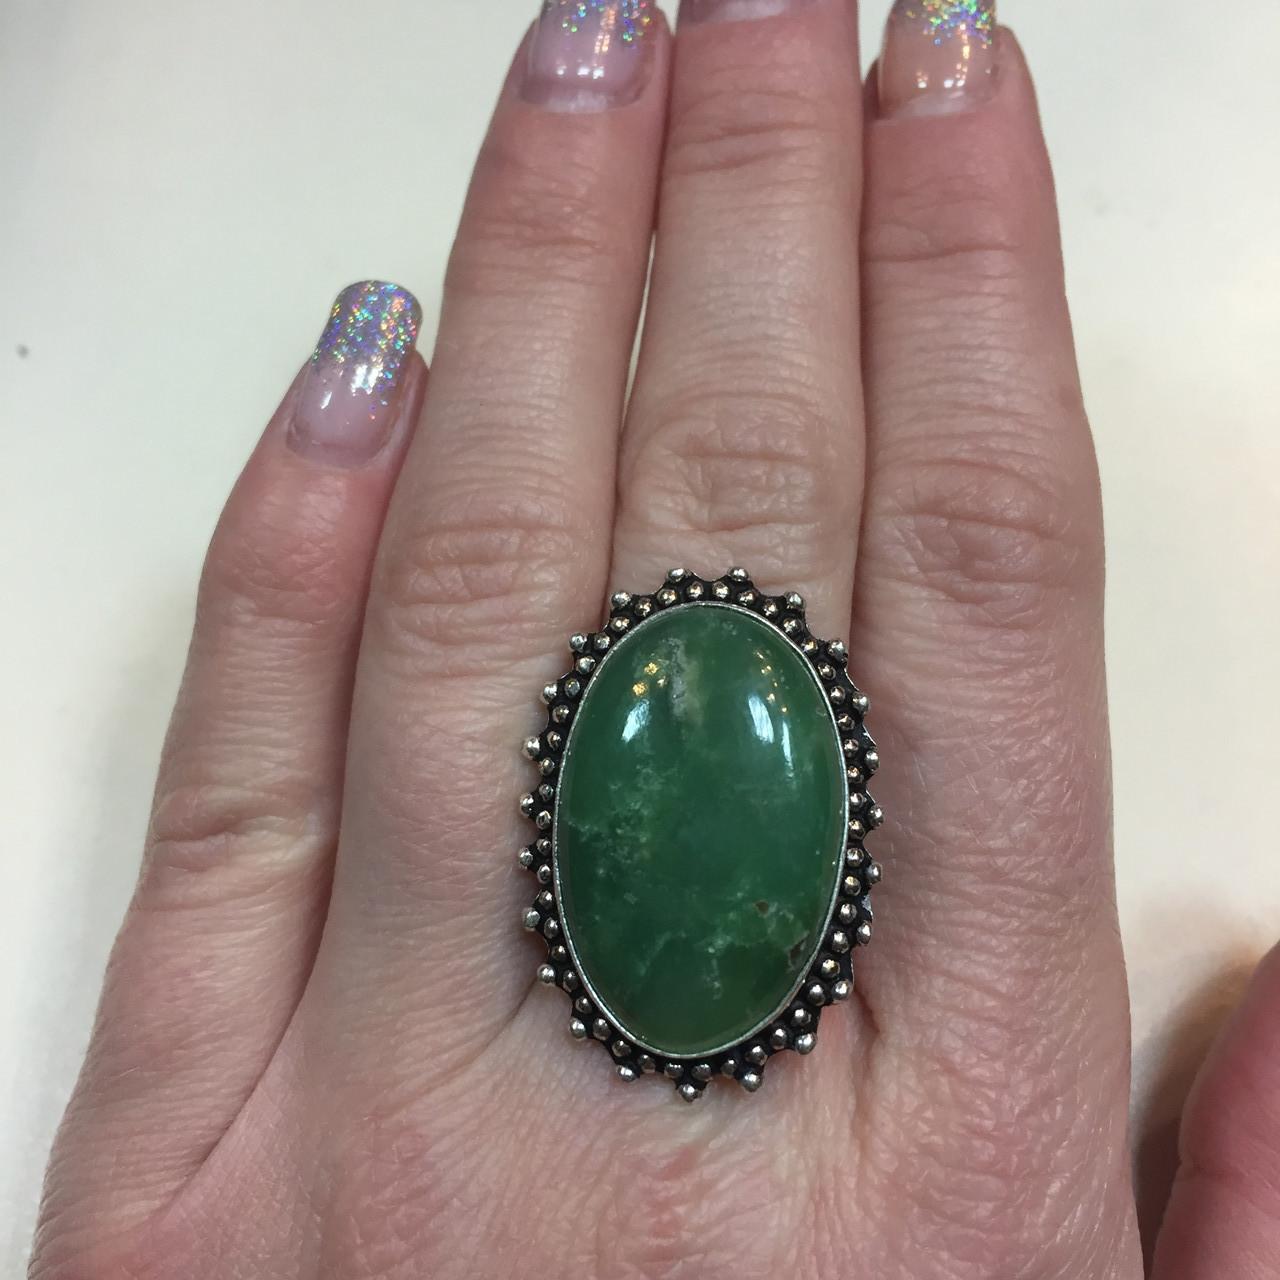 Красивое овальное кольцо с хризопразом 16,5-17 размер. Кольцо природный хризопраз в серебре Индия